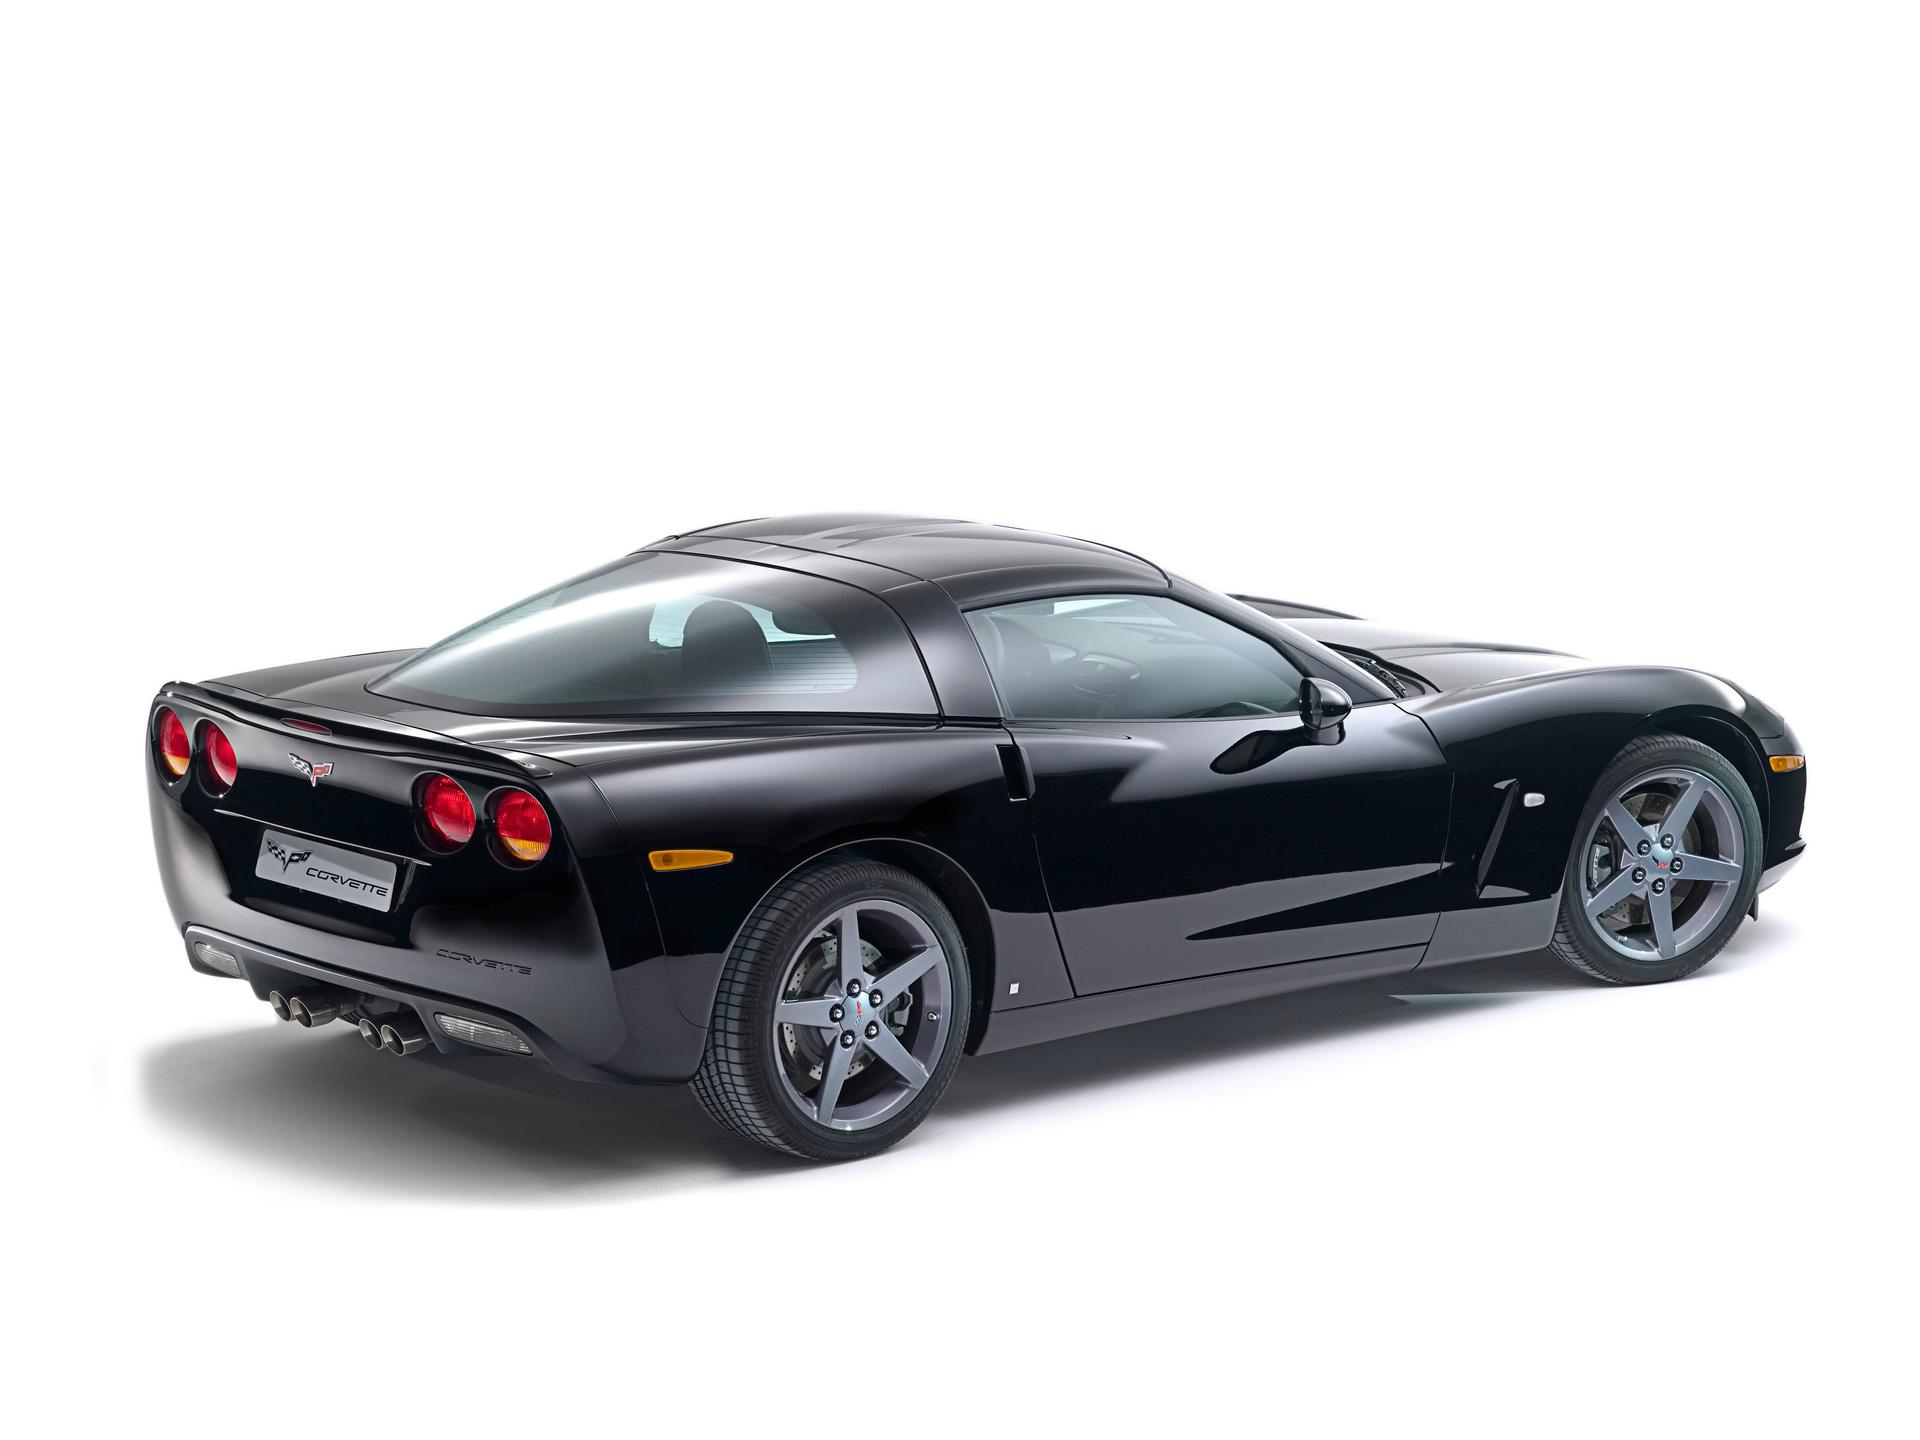 2007 chevrolet corvette victory edition history pictures value rh conceptcarz com 2007 Corvette Convertible White 2007 Corvette Convertible White